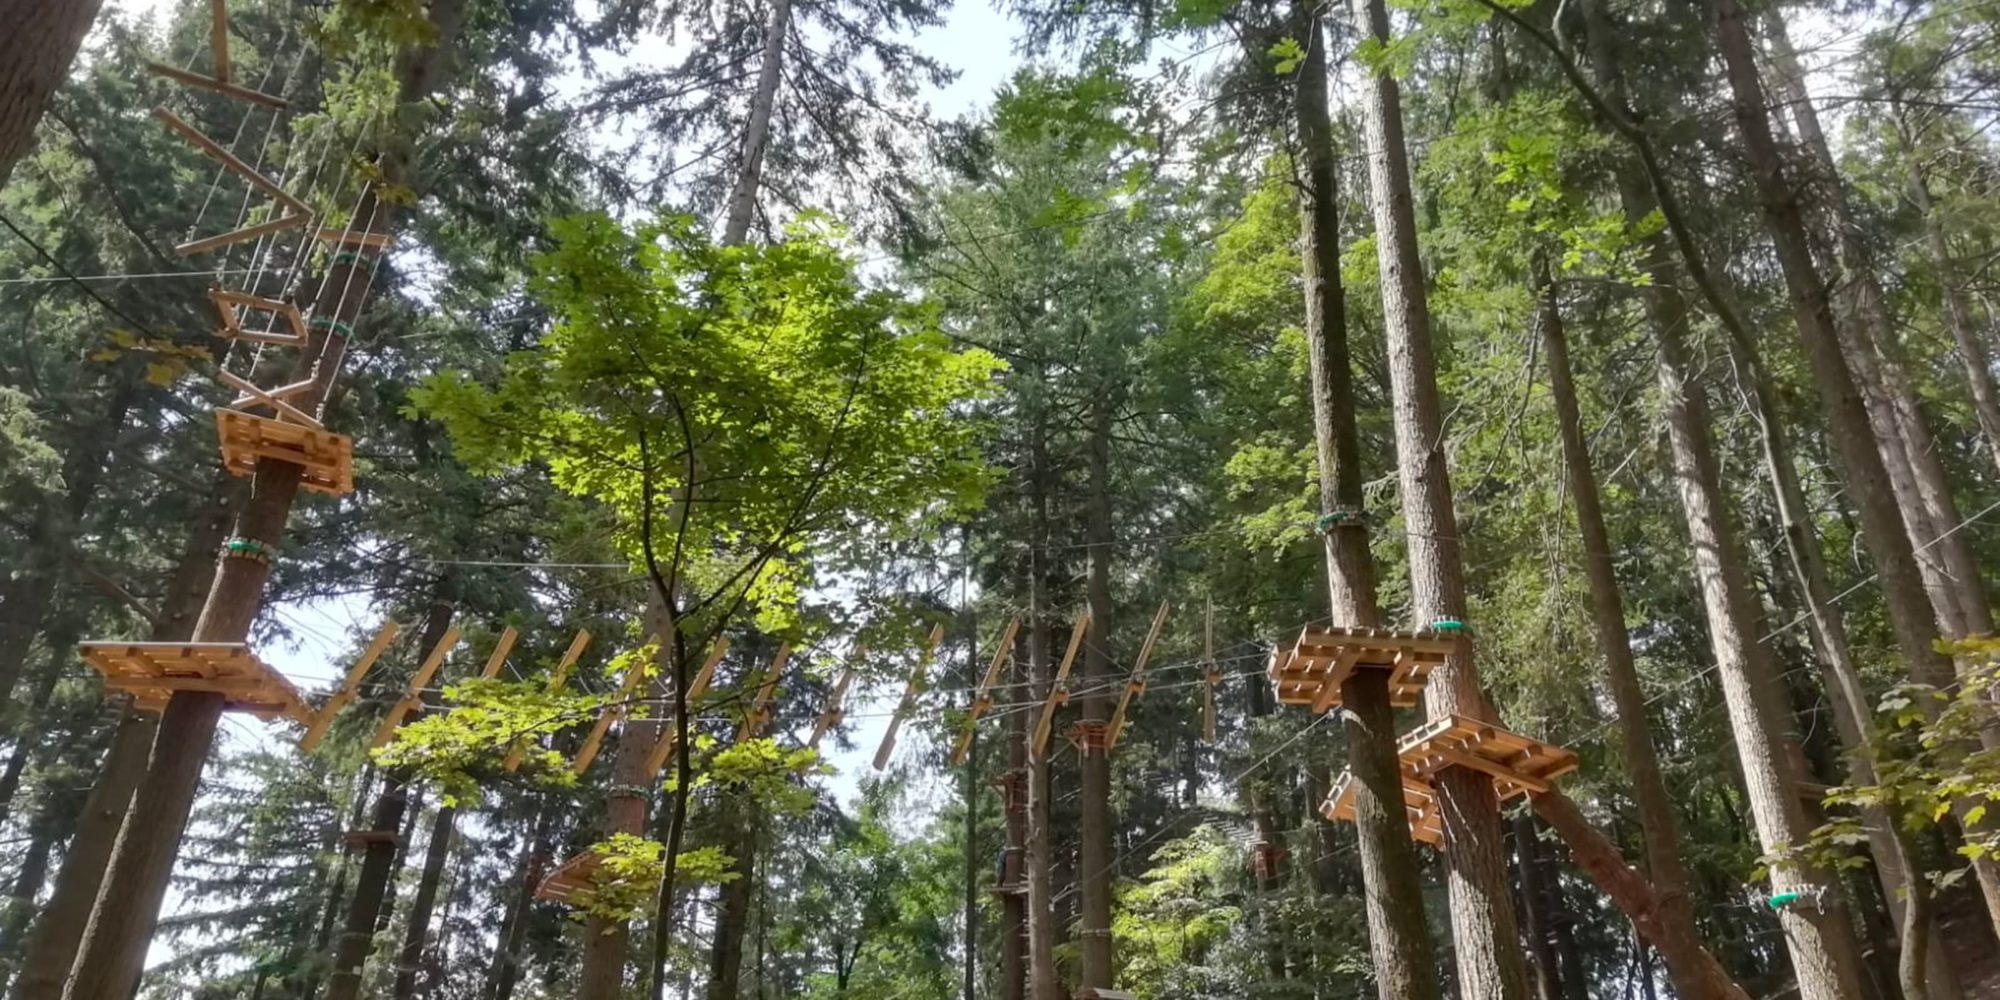 Percorso sugli alberi per famiglie e adulti vicino a Lecco